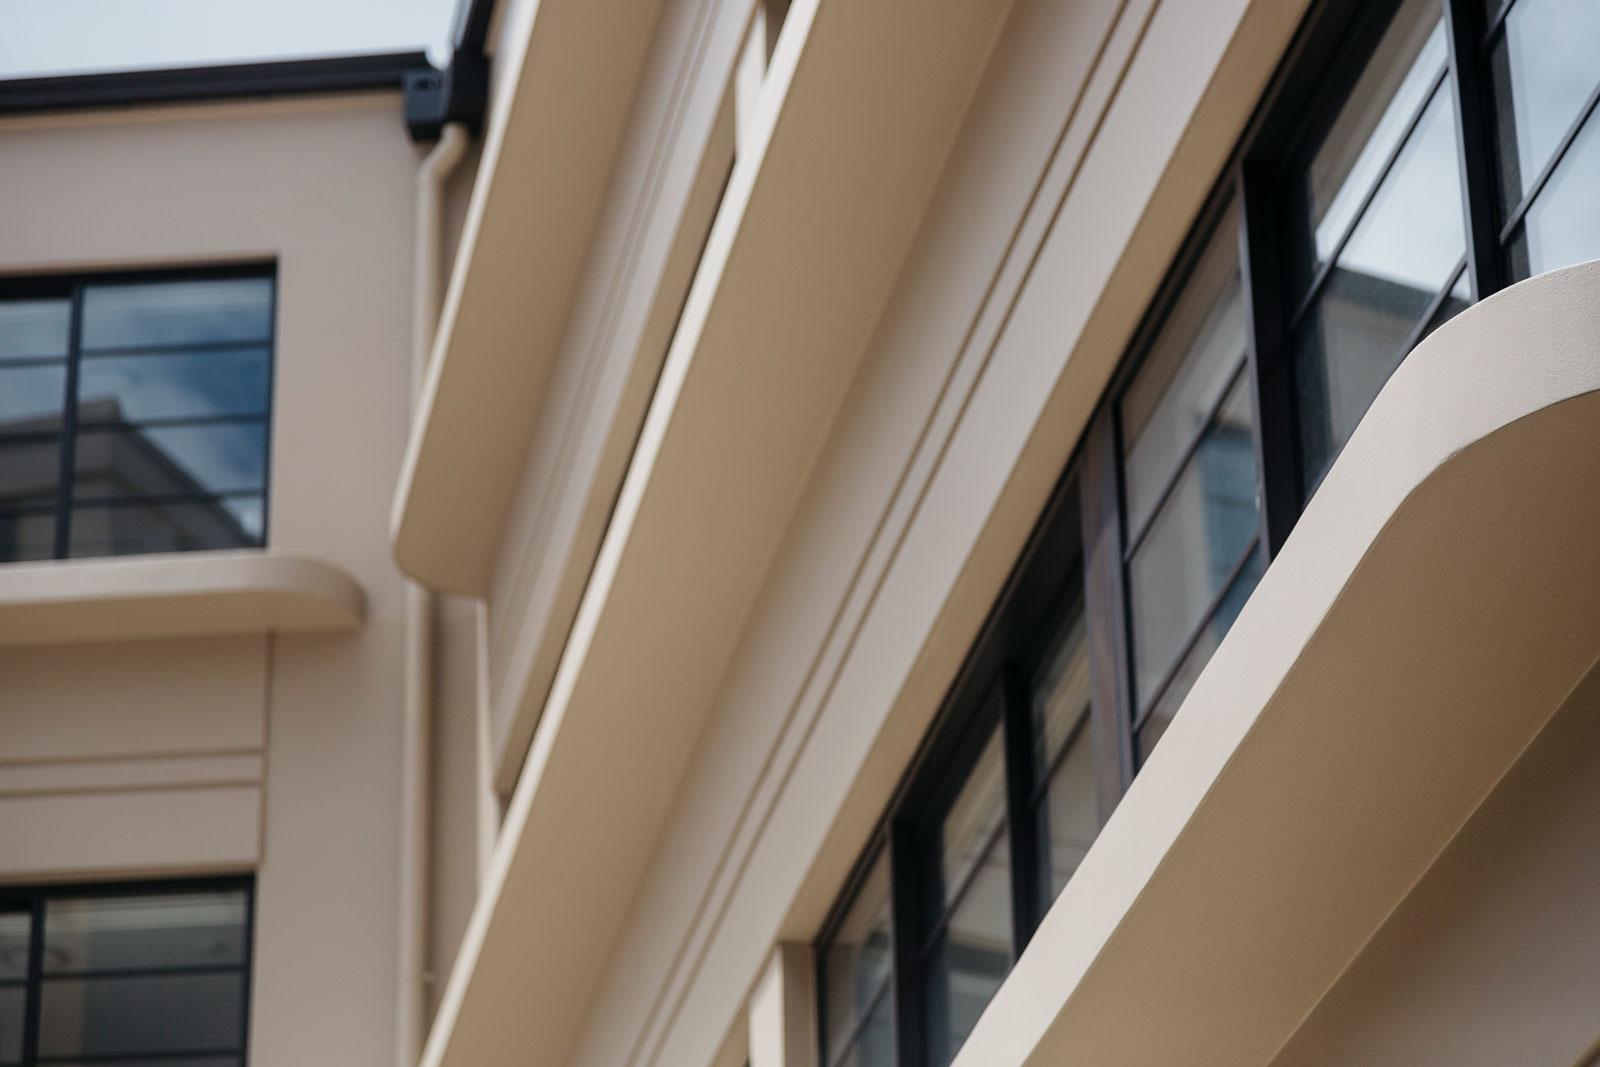 Insulated Plaster Façade System